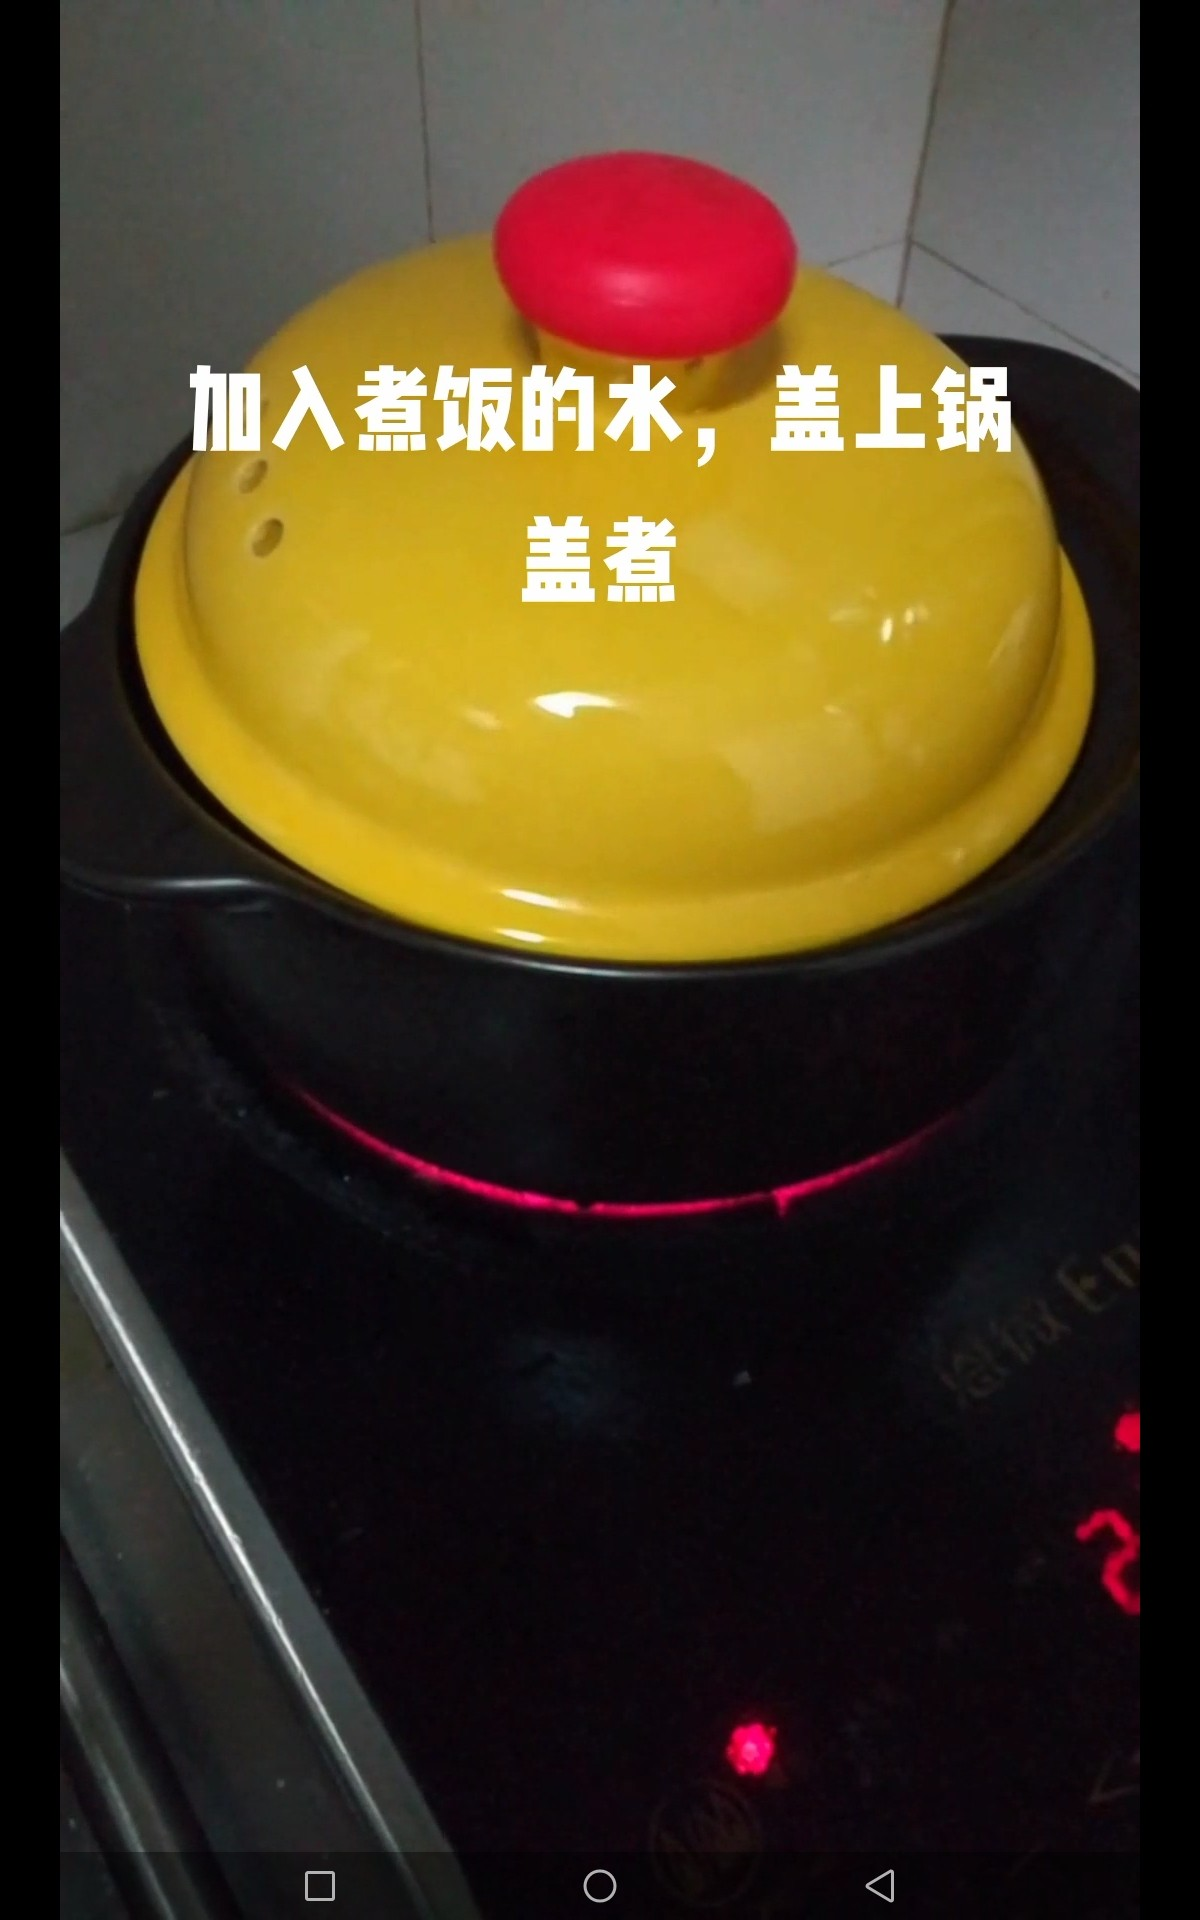 砂锅煲仔饭的简单做法